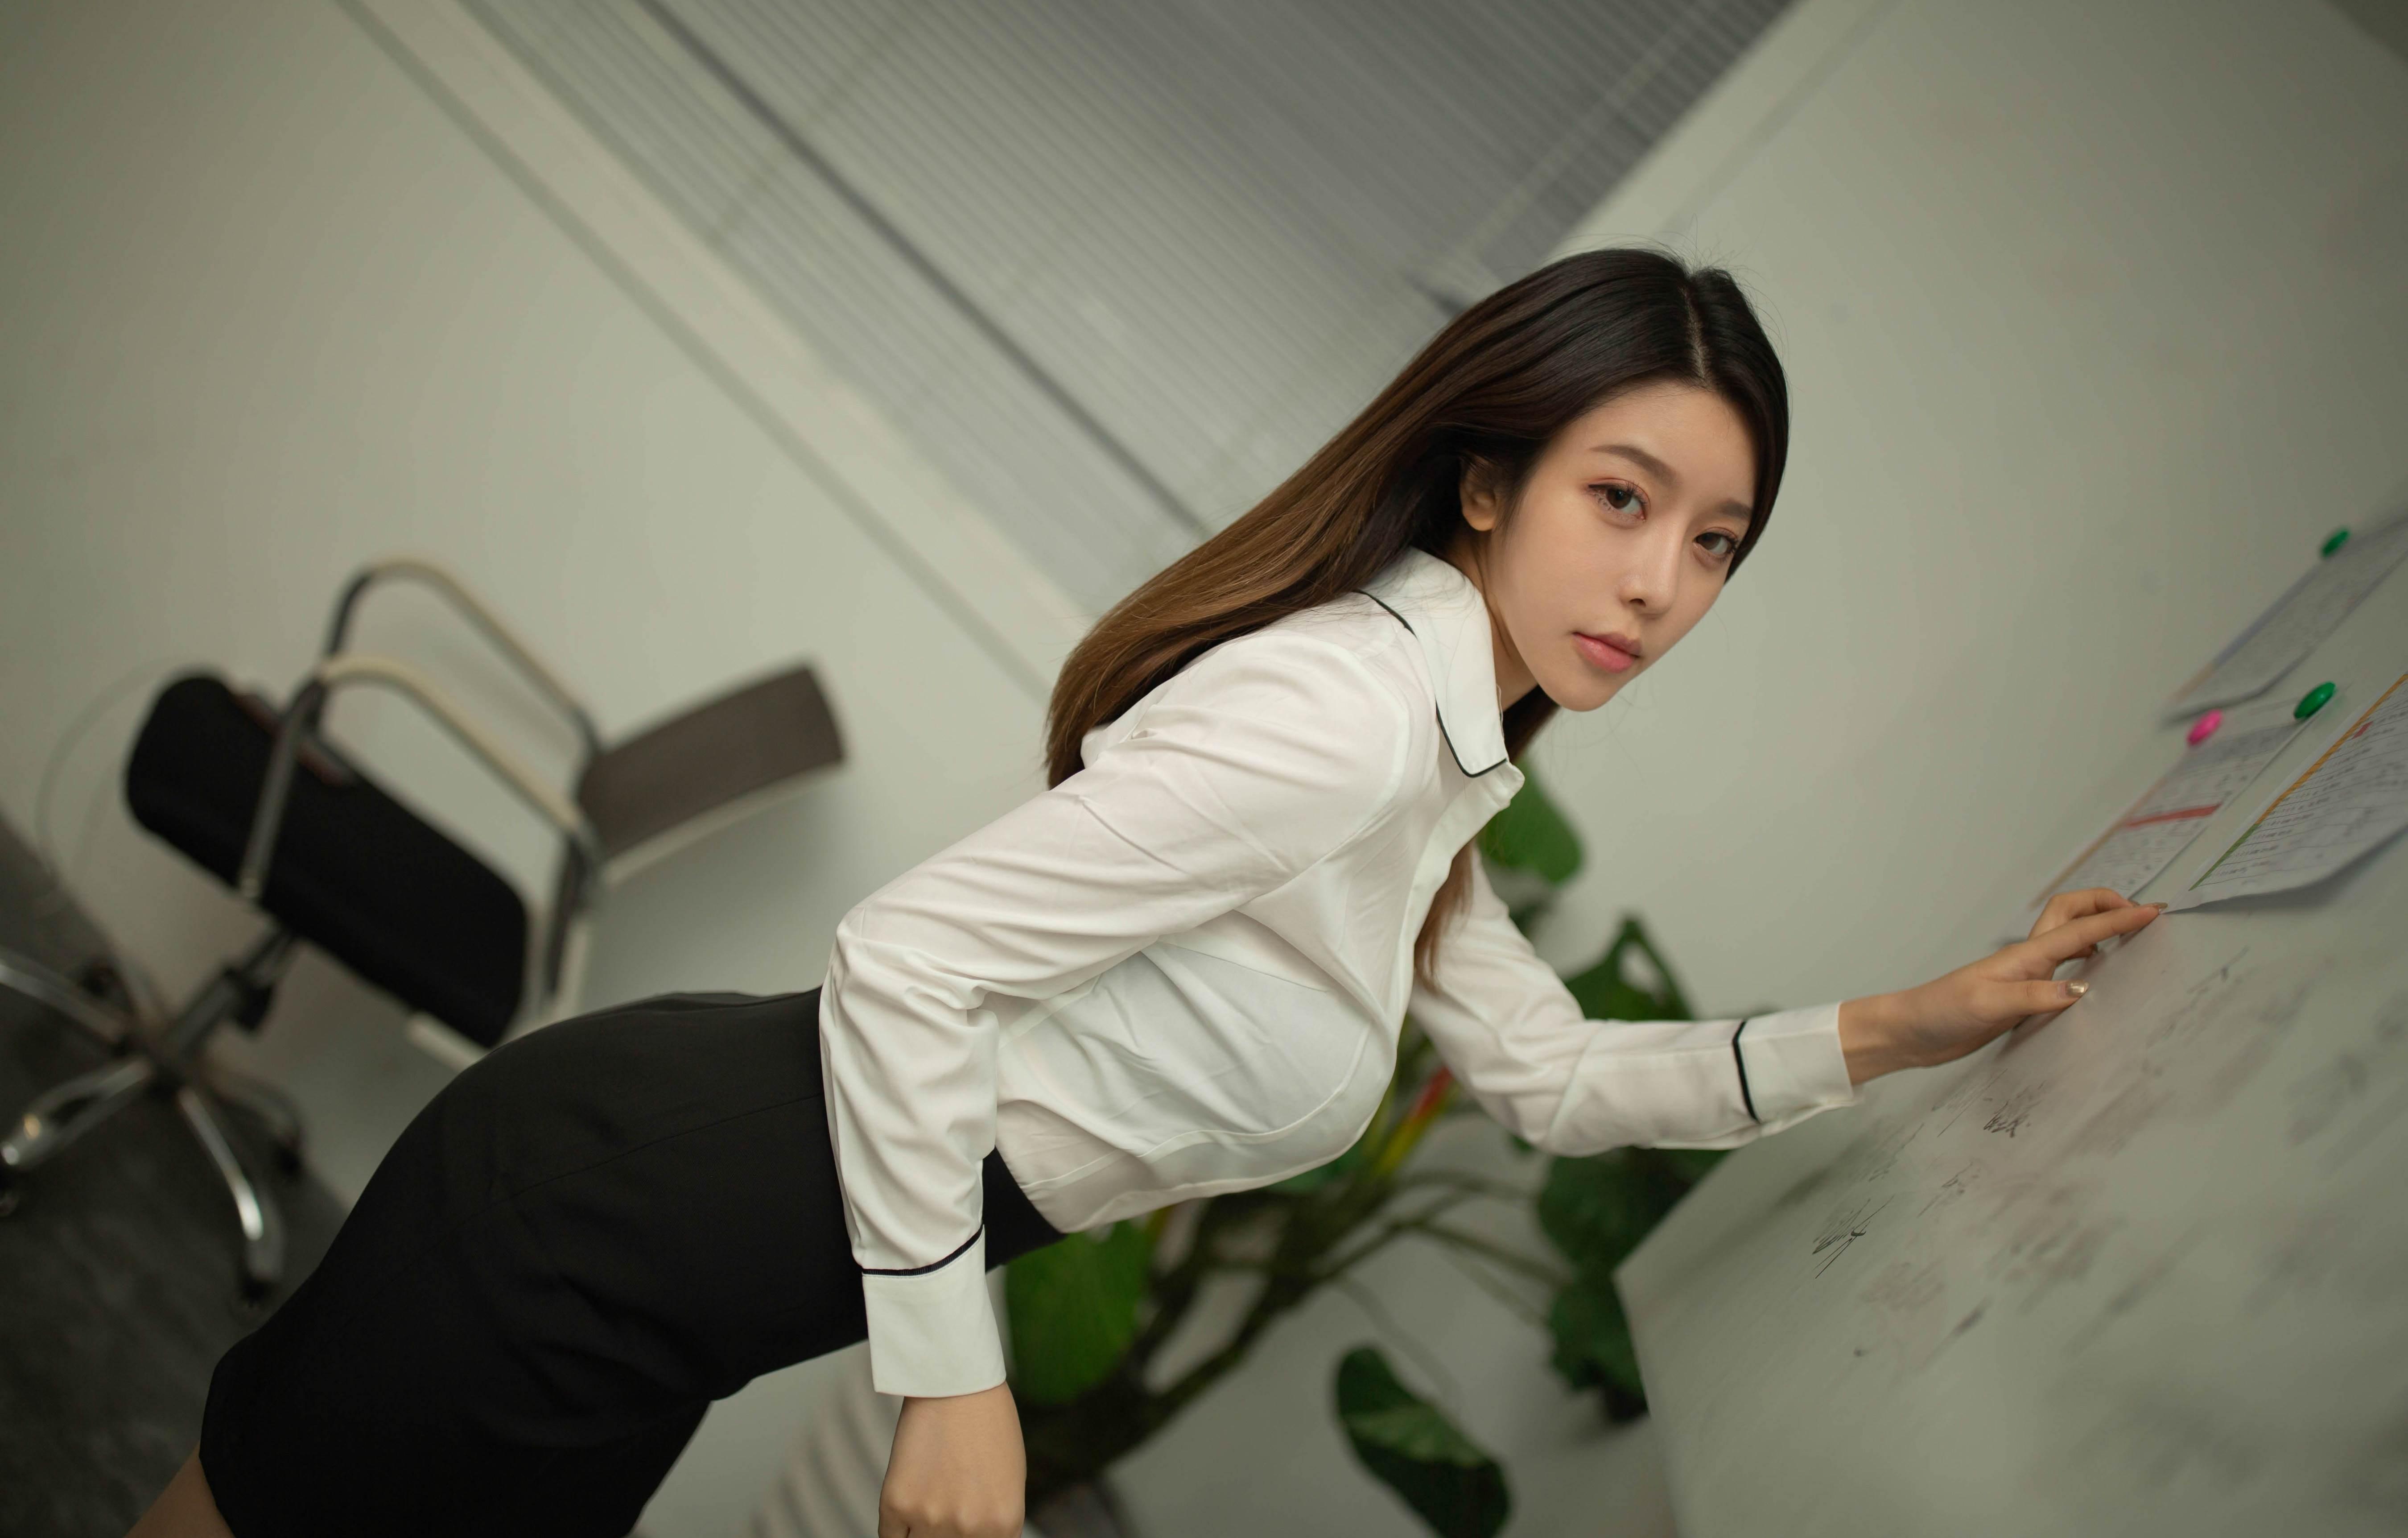 第3期.变身办公室OL女郎夏诗诗Sally_图片6